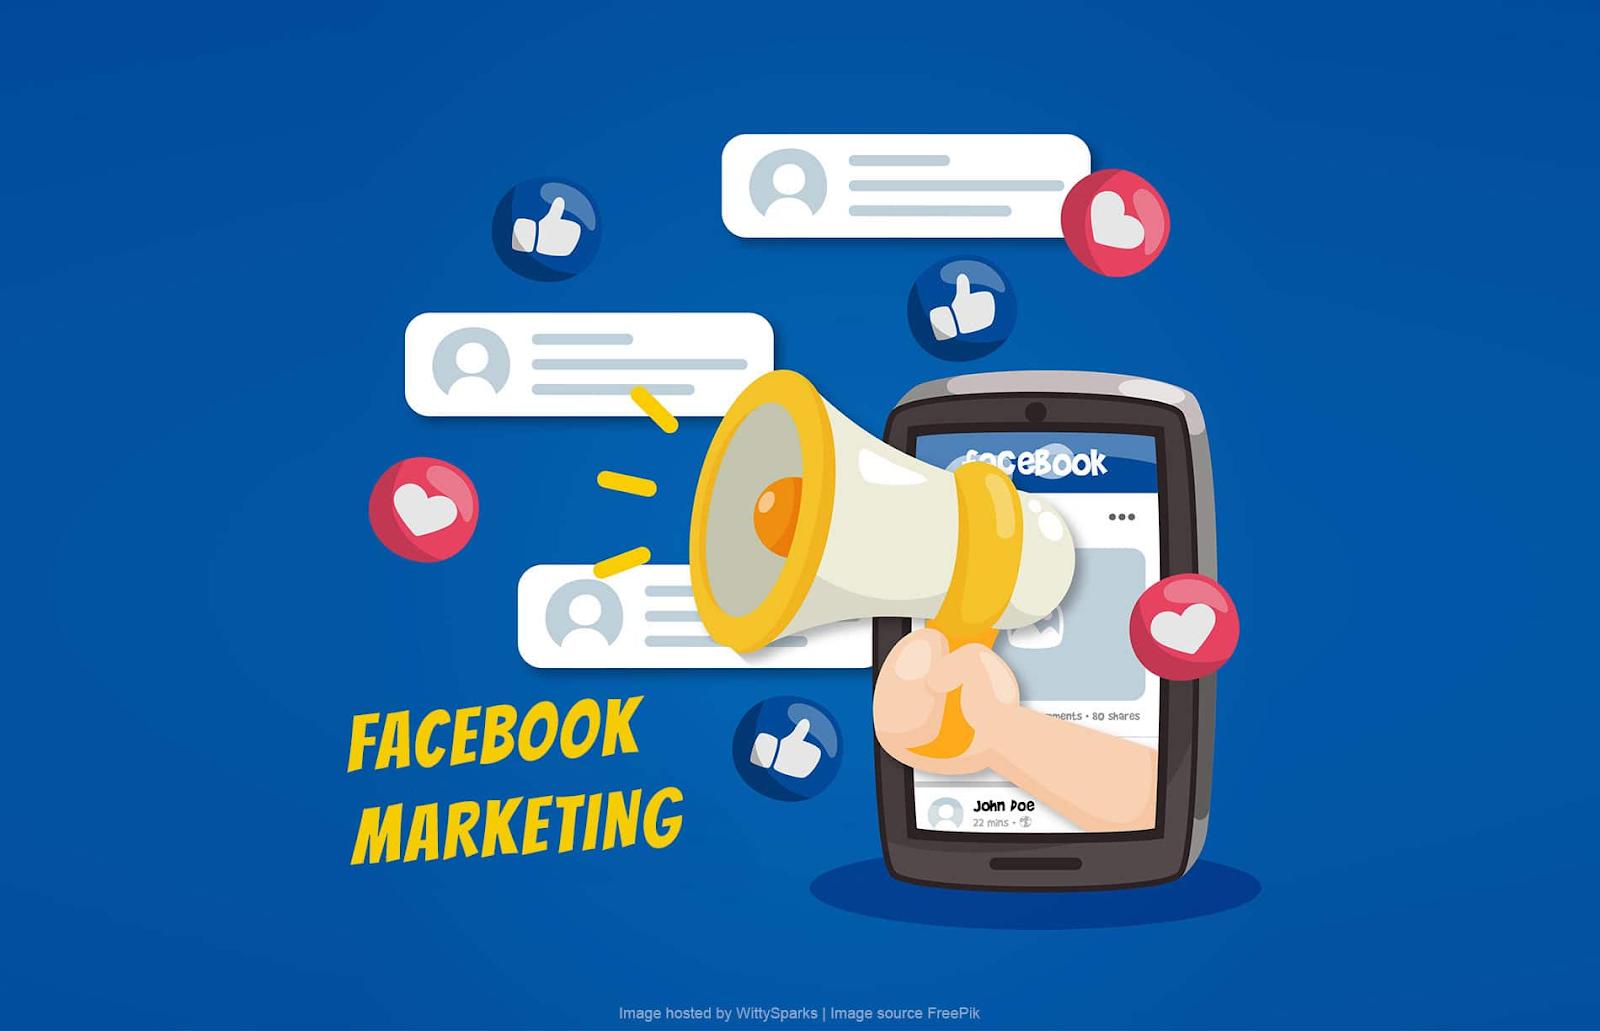 Vì Facebook tương tác và sale ngay trên bài đăng khá tốt, một vài sản phẩm đặc thù mới cần đưa về web.